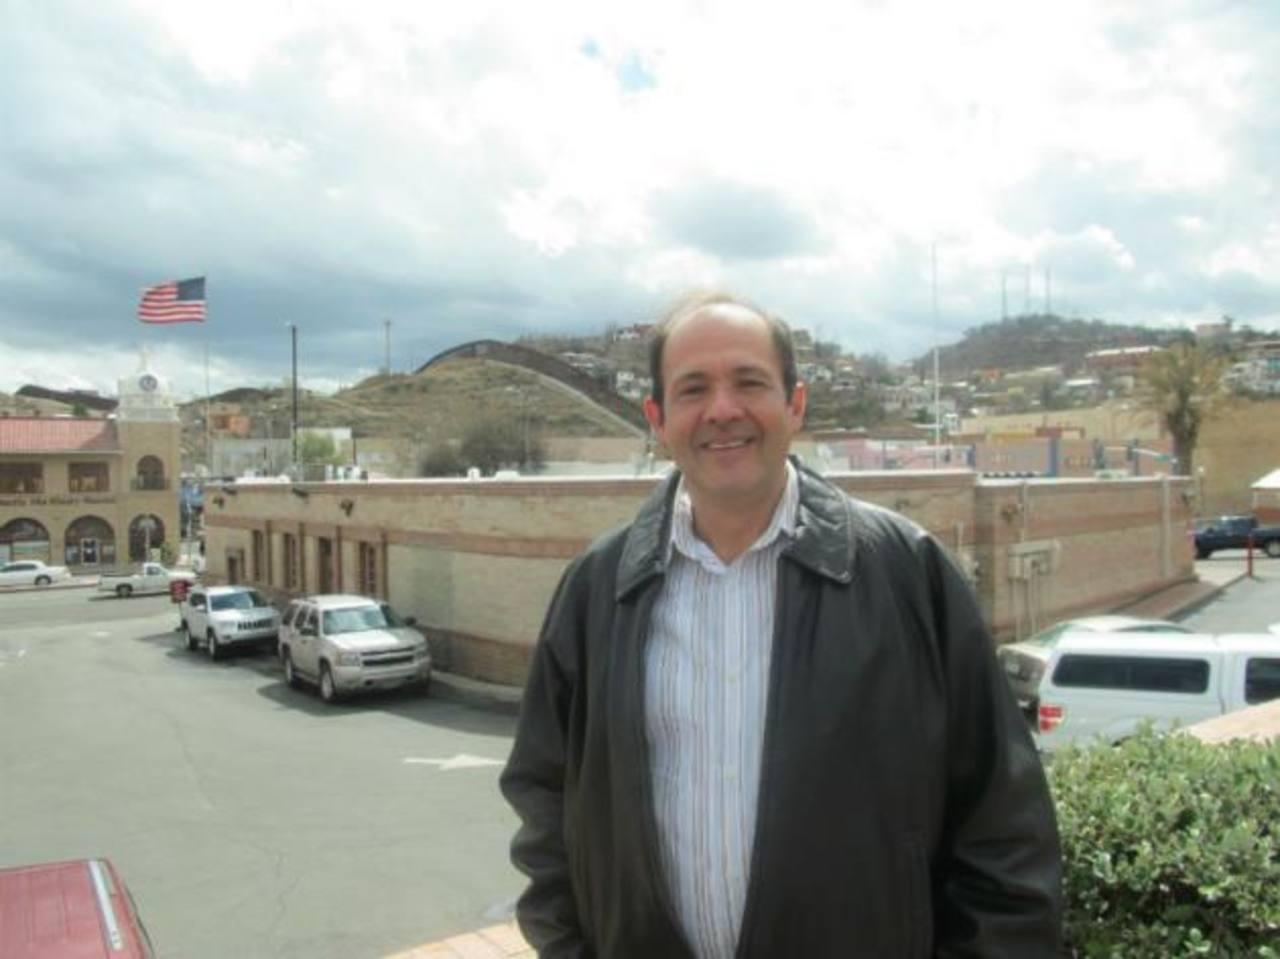 Nicolas Mahomar en Nogales, Arizona, a tras el muro fronterizo que la separa de Nogales, Sonora.